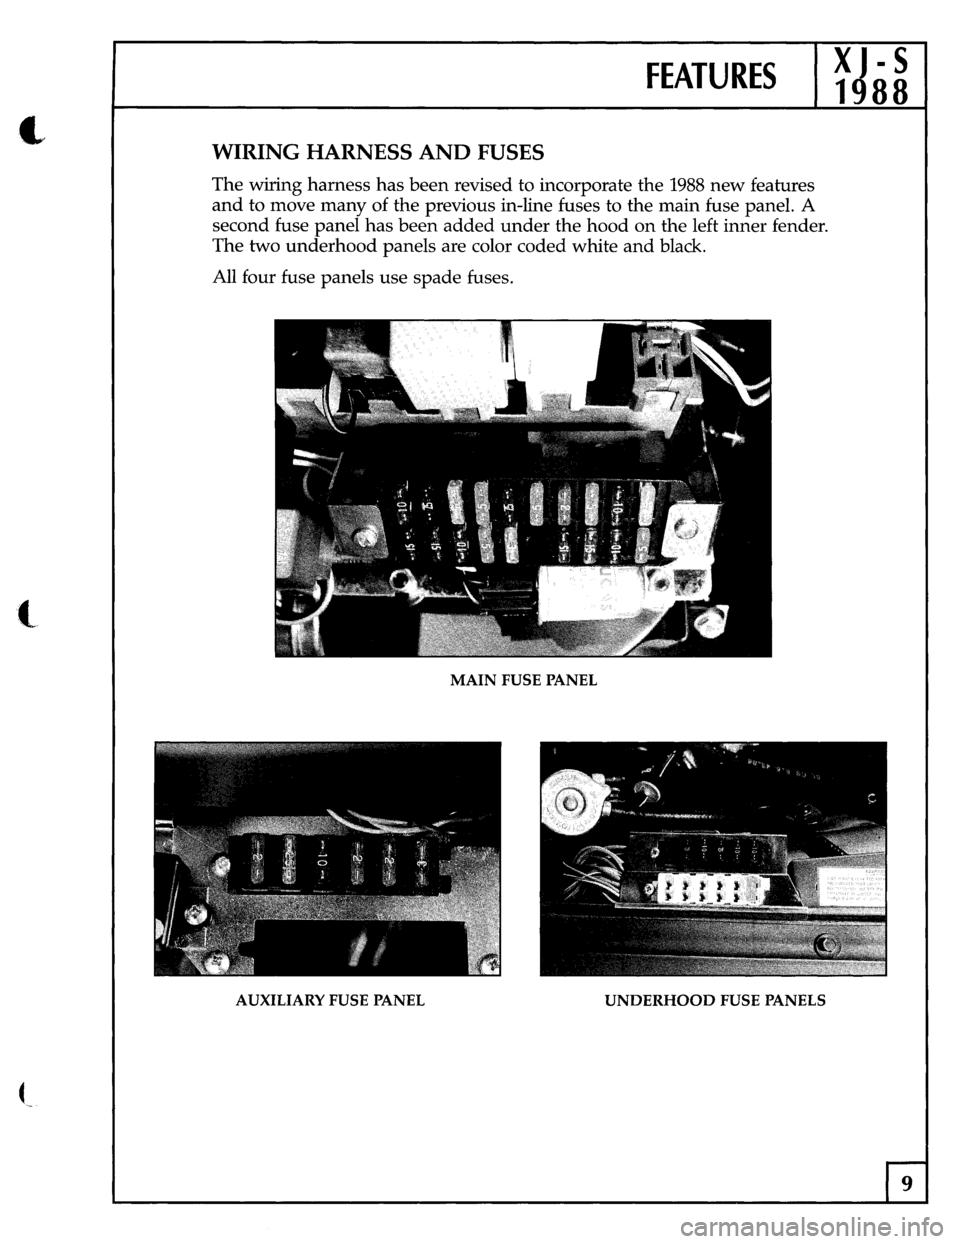 Jaguar Xjs 1988 1g Update Manual Xj6 Wiring Harness